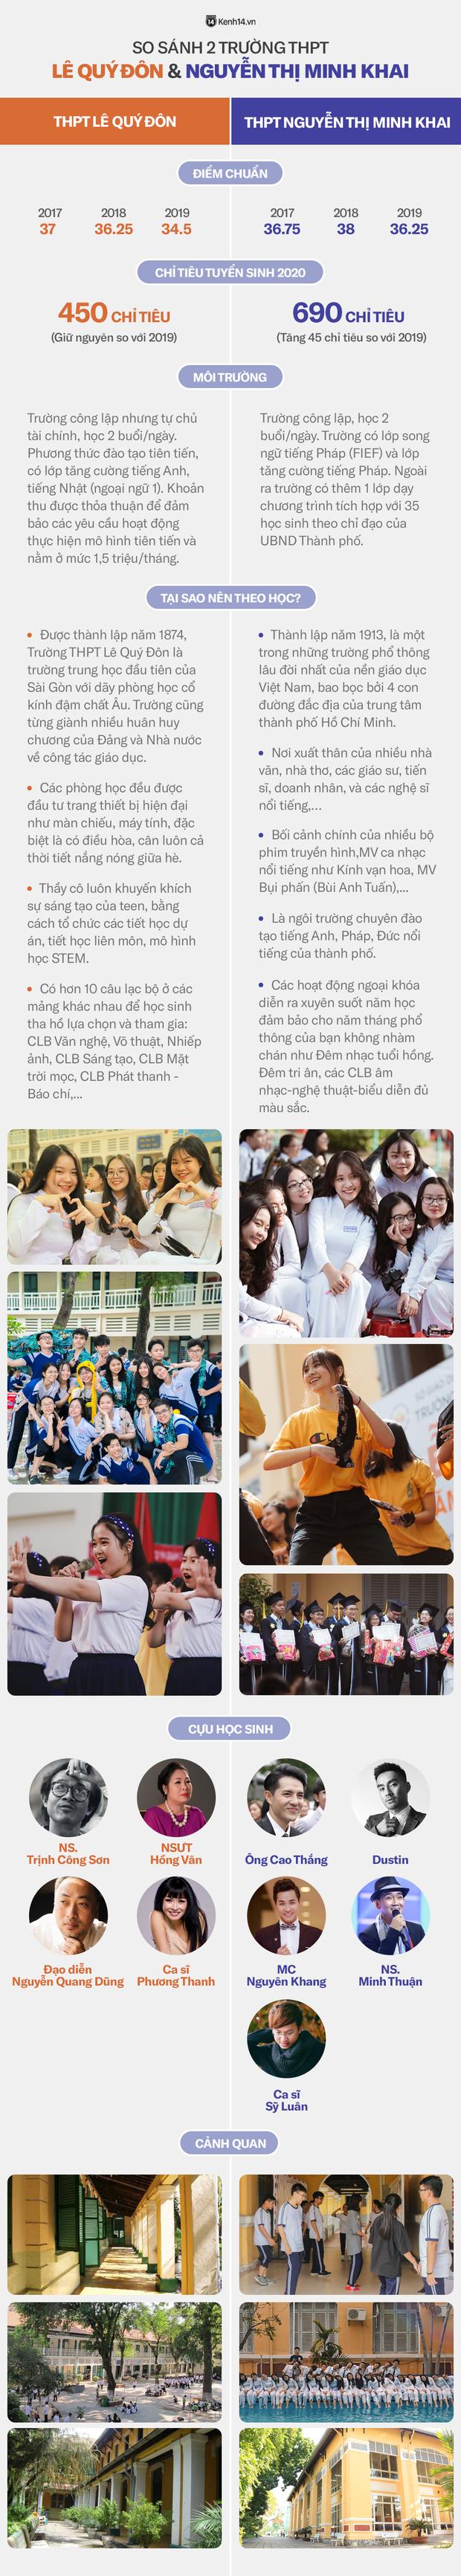 2 trường cấp 3 nổi tiếng bậc nhất Sài thành: THPT Minh Khai và THPT Lê Quý Đôn, ai đỉnh hơn? - Ảnh 1.